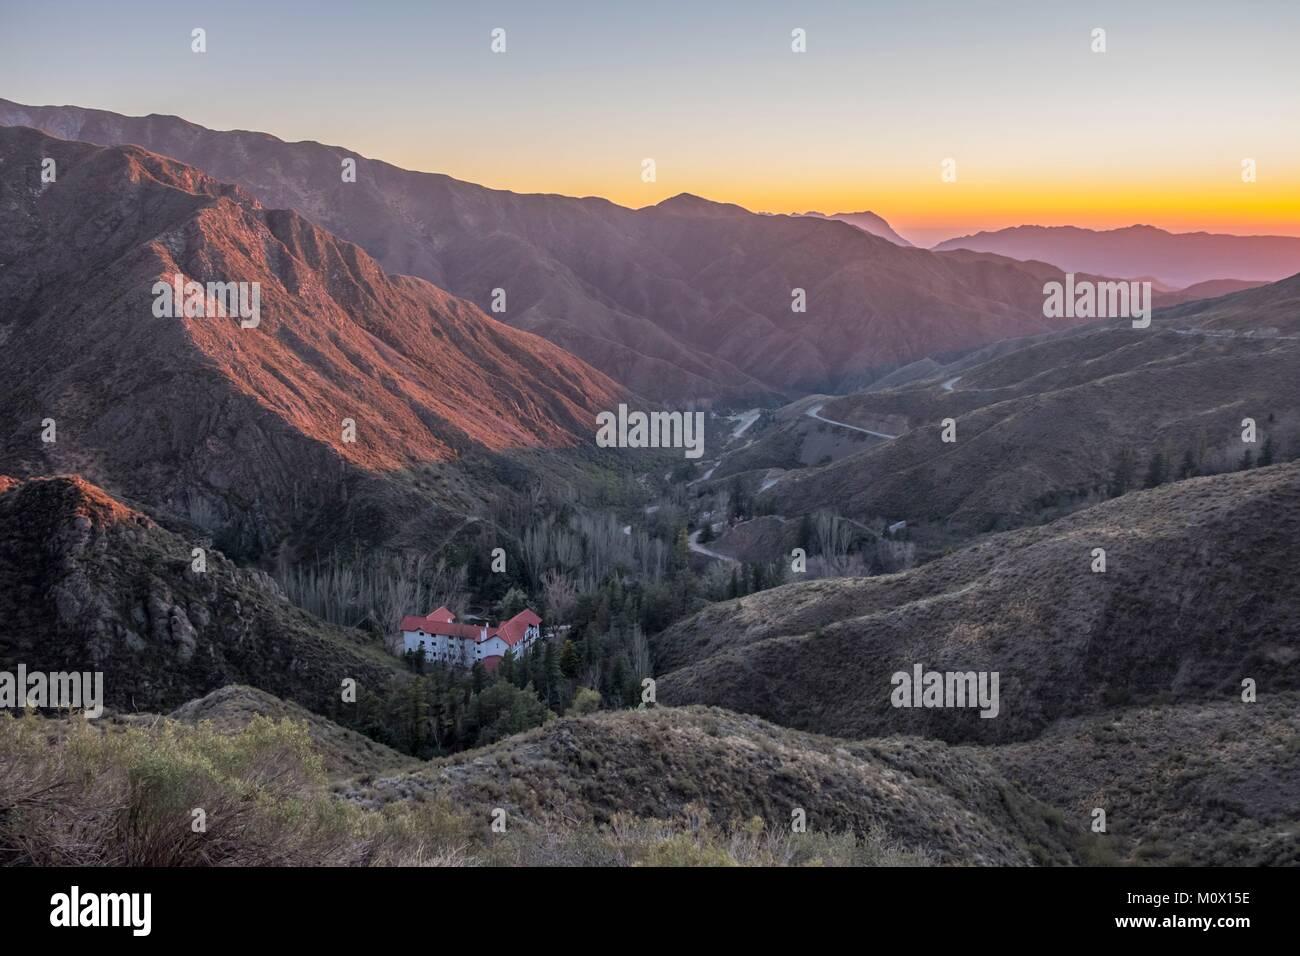 Argentina,Mendoza Province,Villavicencio,road into Villavicencio Nature Preserve - Stock Image